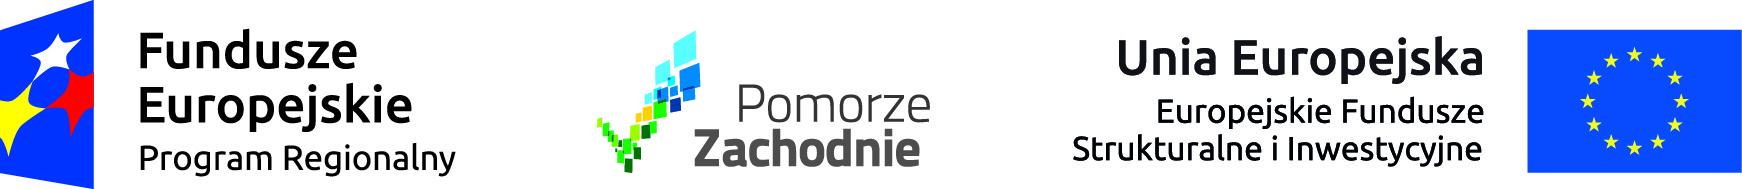 Logotypy unijne.jpg